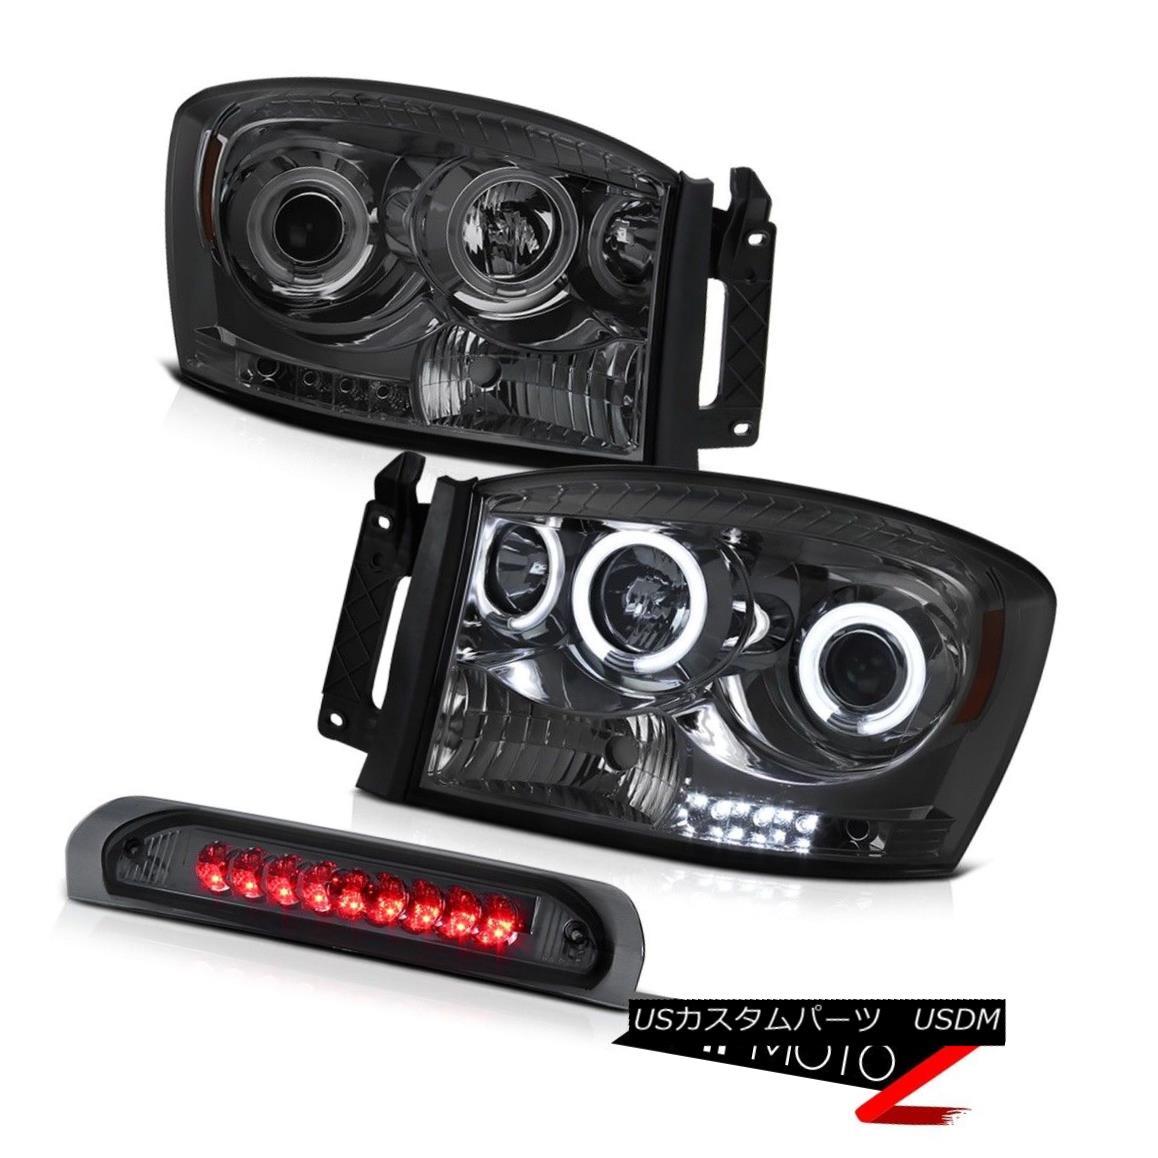 テールライト Smoke CCFl Halo Projector Headlight+LED 3rd Brake Lamp 06-08 Dodge RAM 1500/2500 煙CCFlハロープロジェクターヘッドライト+ LED第3ブレーキランプ06-08 Dodge RAM 1500/2500